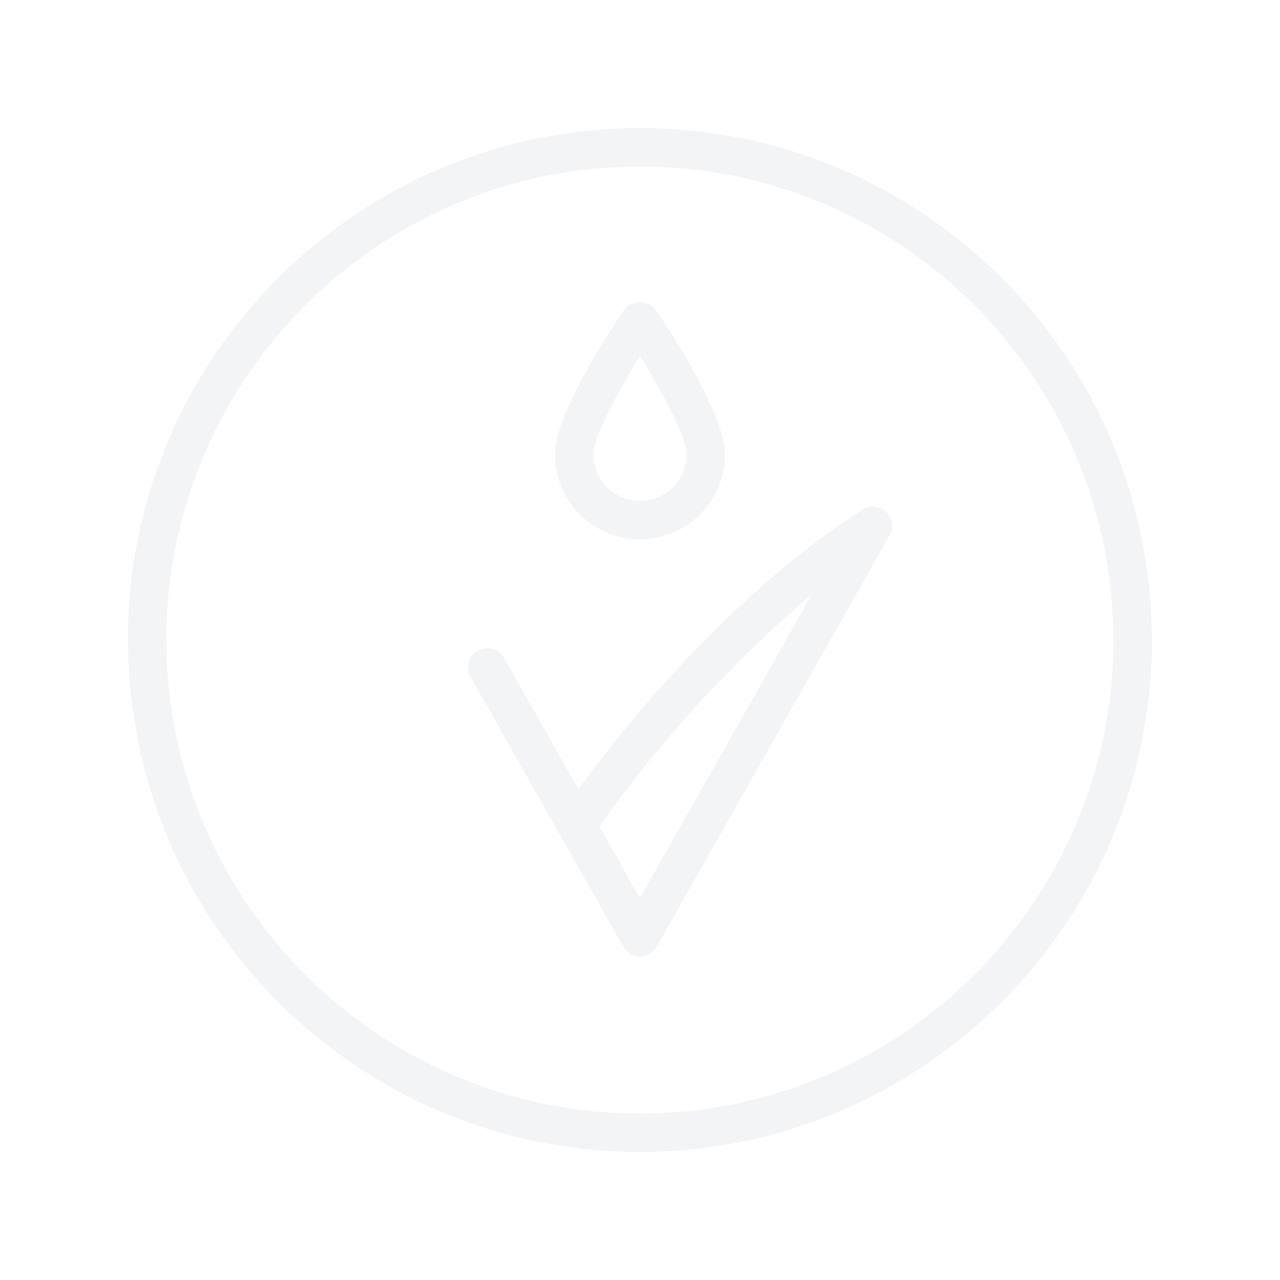 JUNGLE FEVER Argan Oasis Fluid масло для сухих, поврежденных волос 150ml